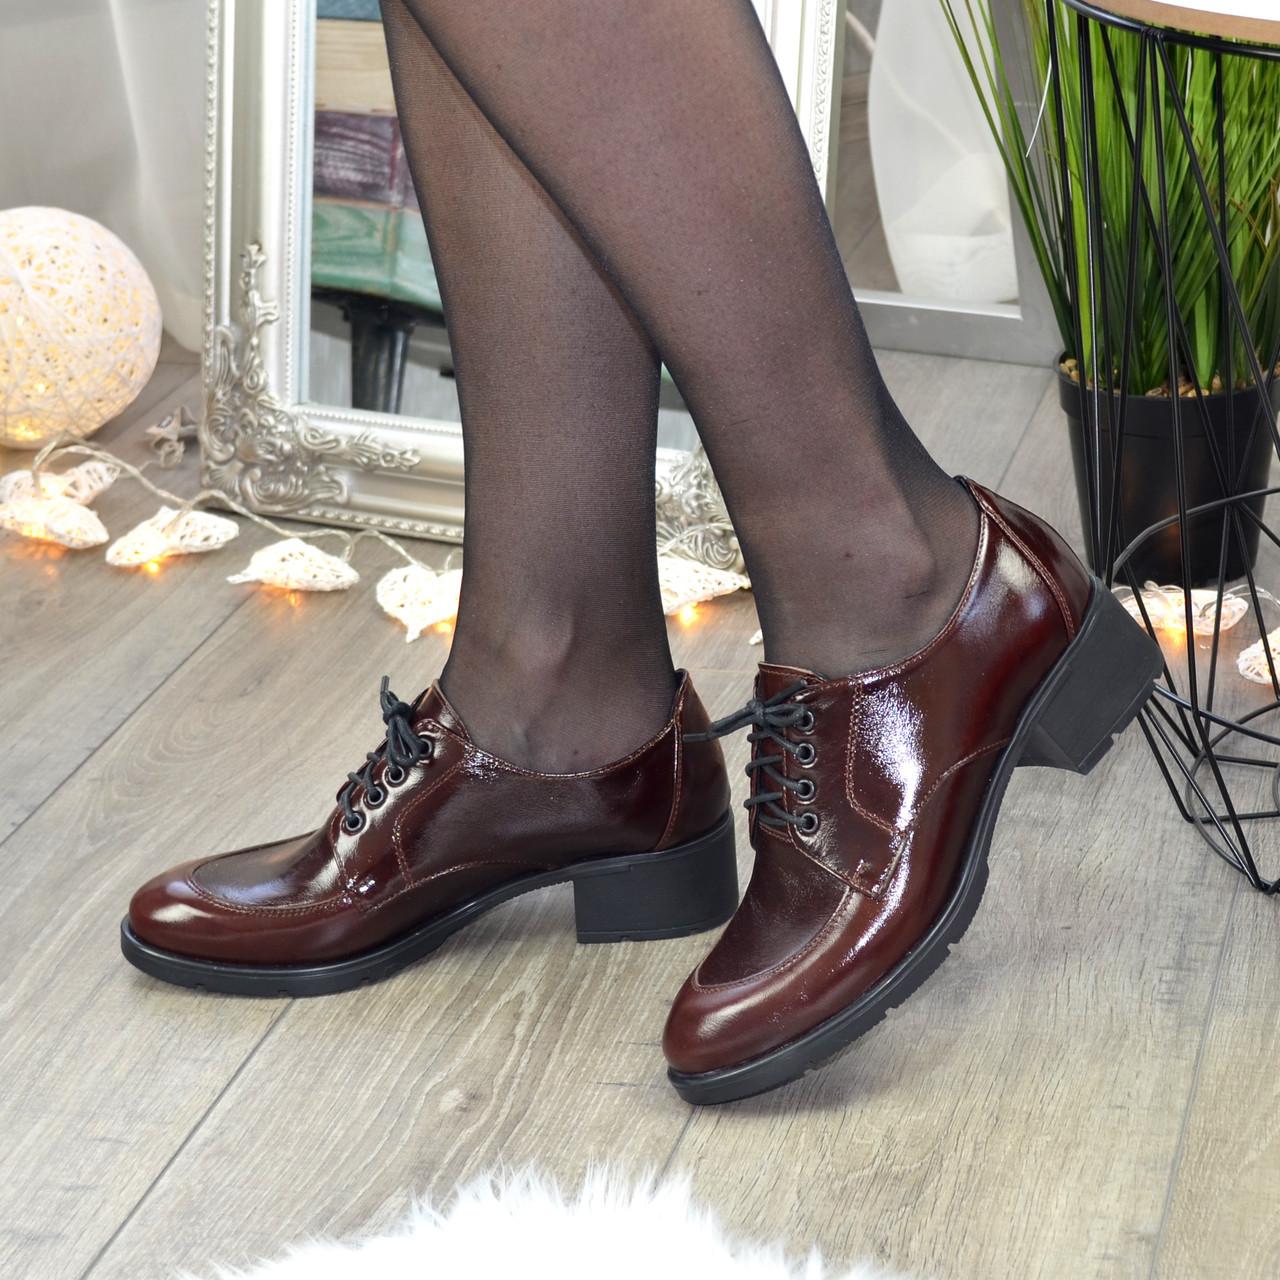 Туфли женские на маленьком каблуке, натуральная кожа рабат коричневого цвета